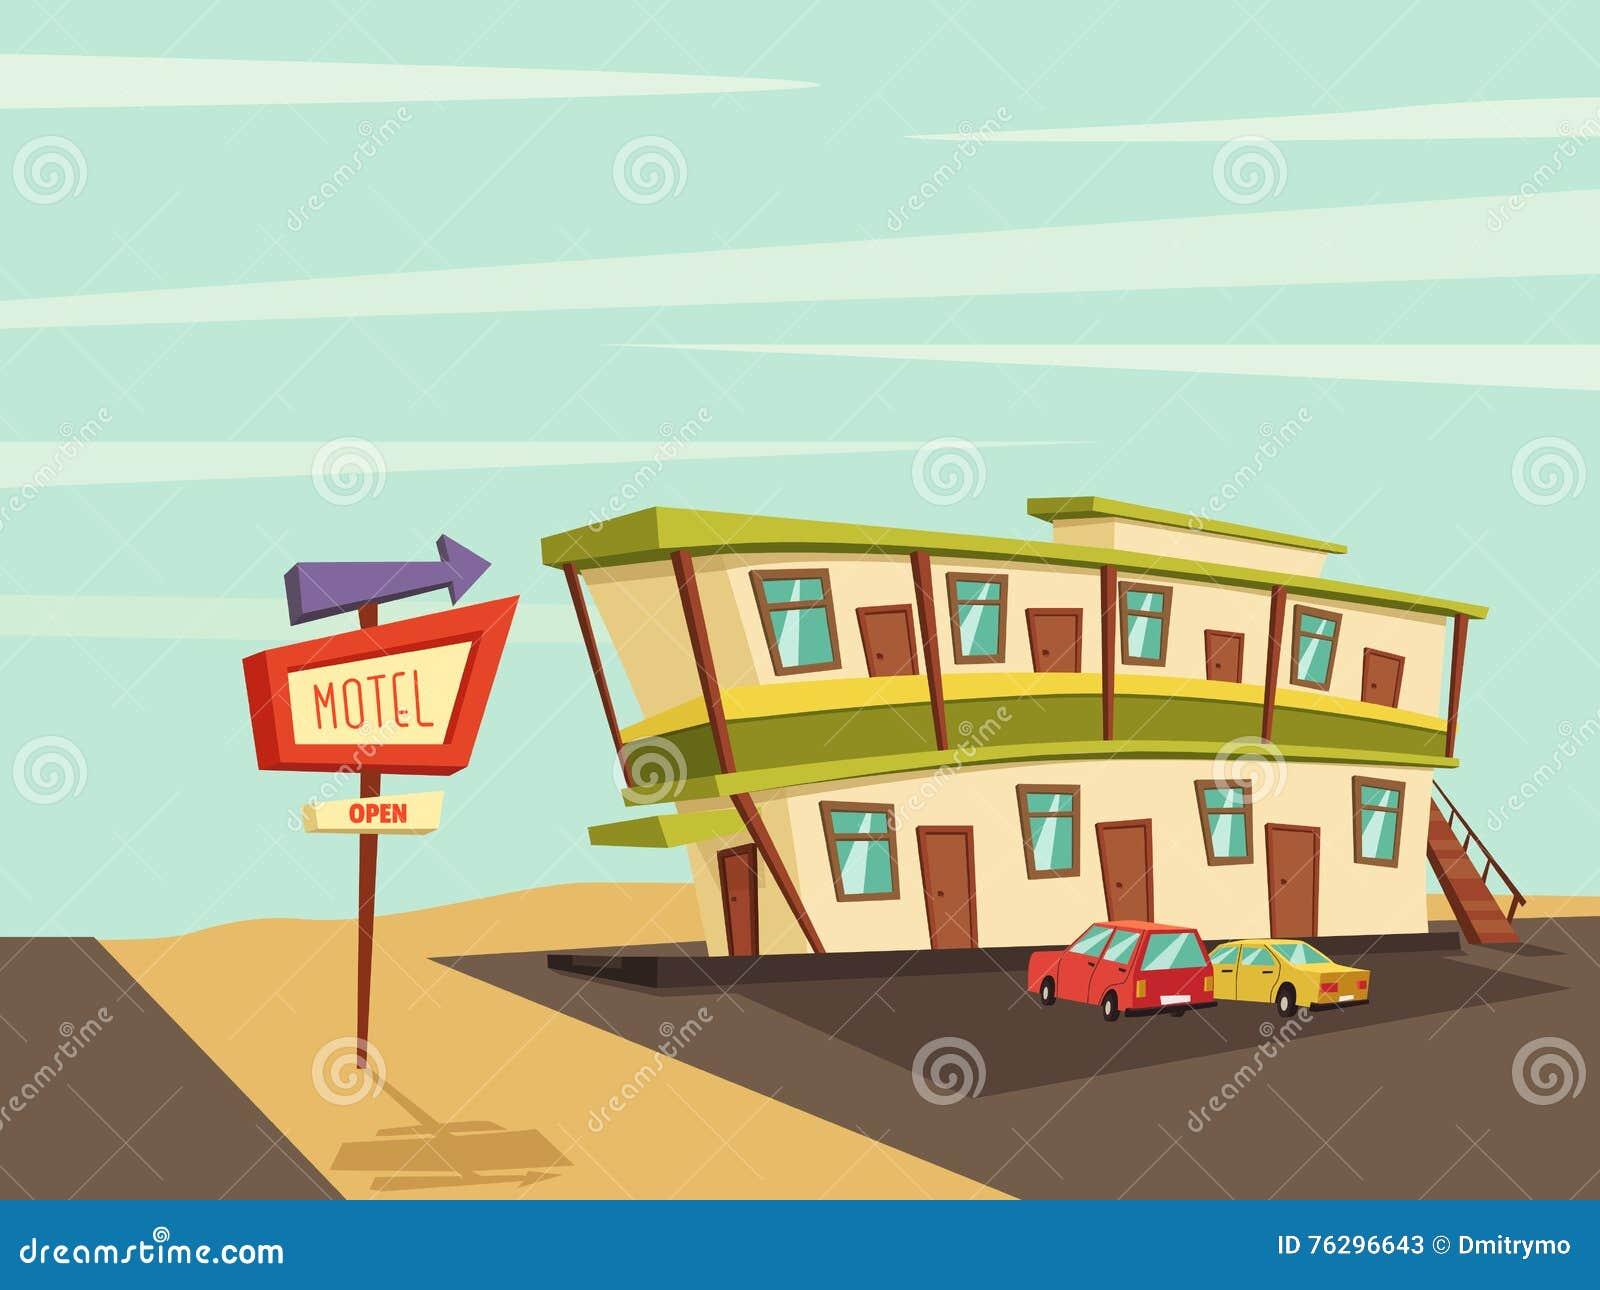 Мотель в пустыне старый signboard иллюстрация мальчика неудовлетворенная шаржем меньший вектор